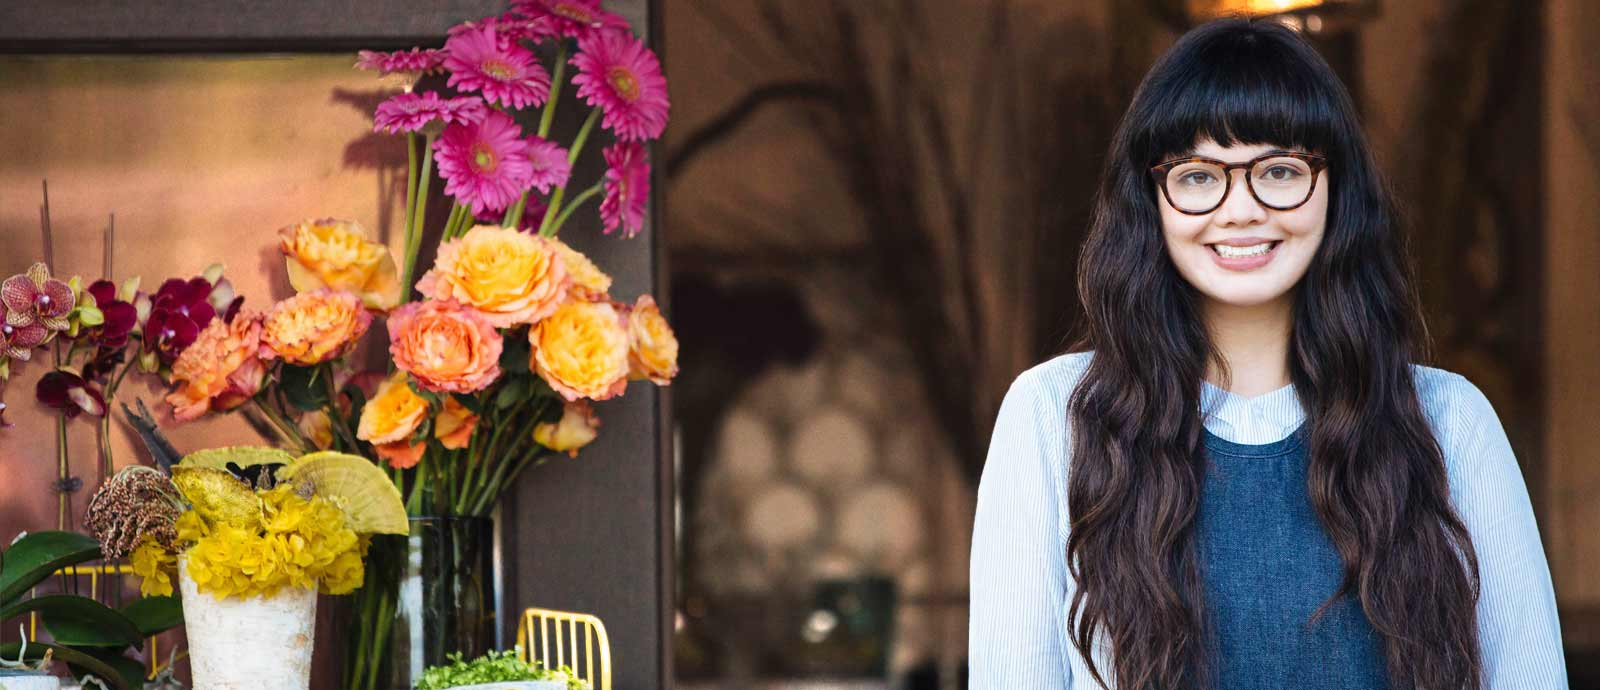 Usmievajúca sa mladá žena sokuliarmi, stojaca pri rezaných kvetoch.